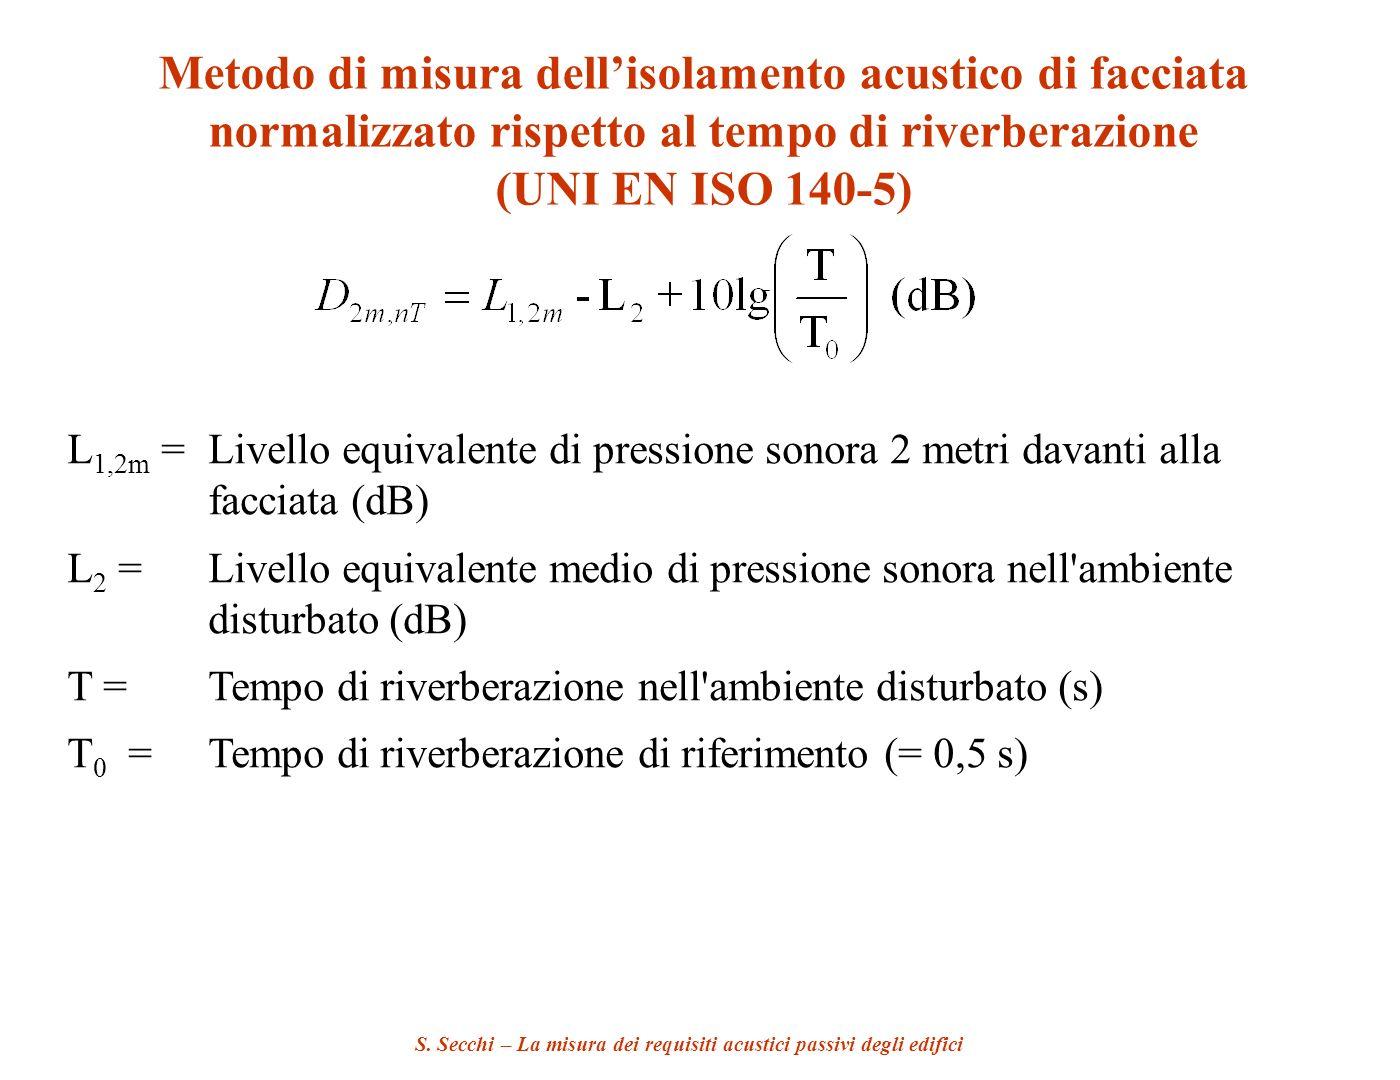 Metodo di misura dell'isolamento acustico di facciata normalizzato rispetto al tempo di riverberazione